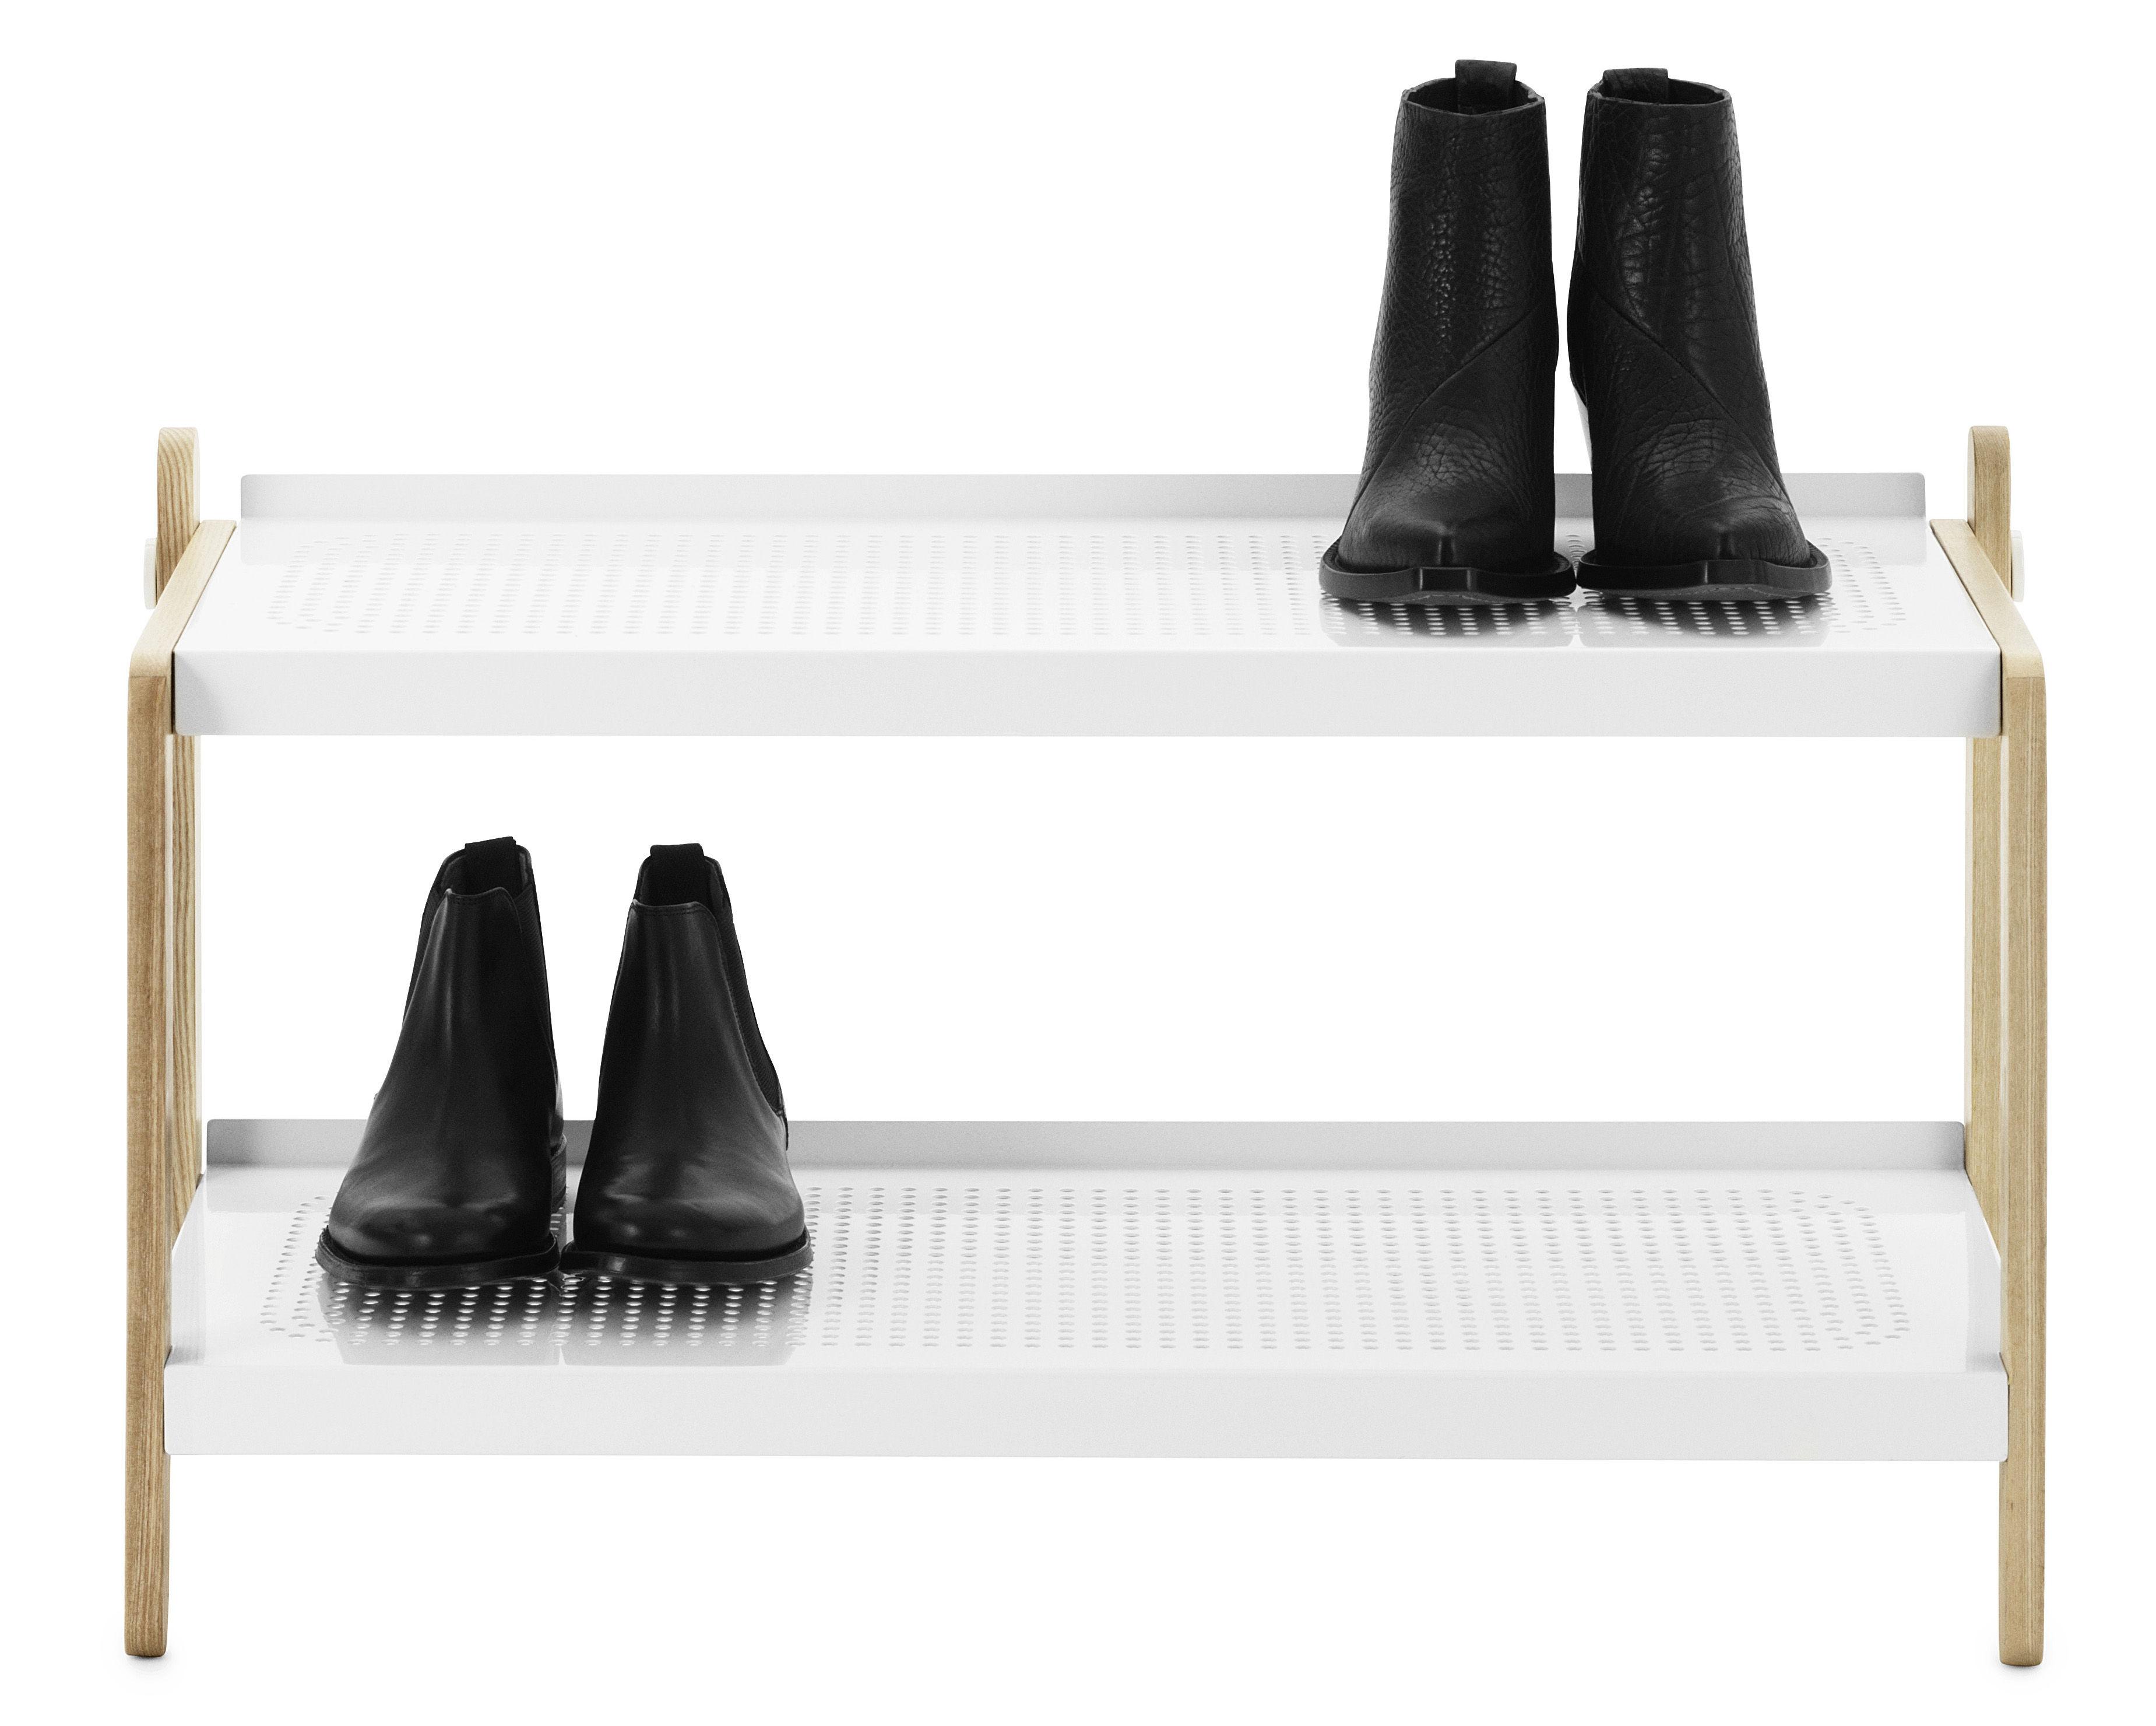 Möbel - Aufbewahrungsmöbel - Sko Schuhschrank - Normann Copenhagen - Weiß - bemalter Stahl, Esche